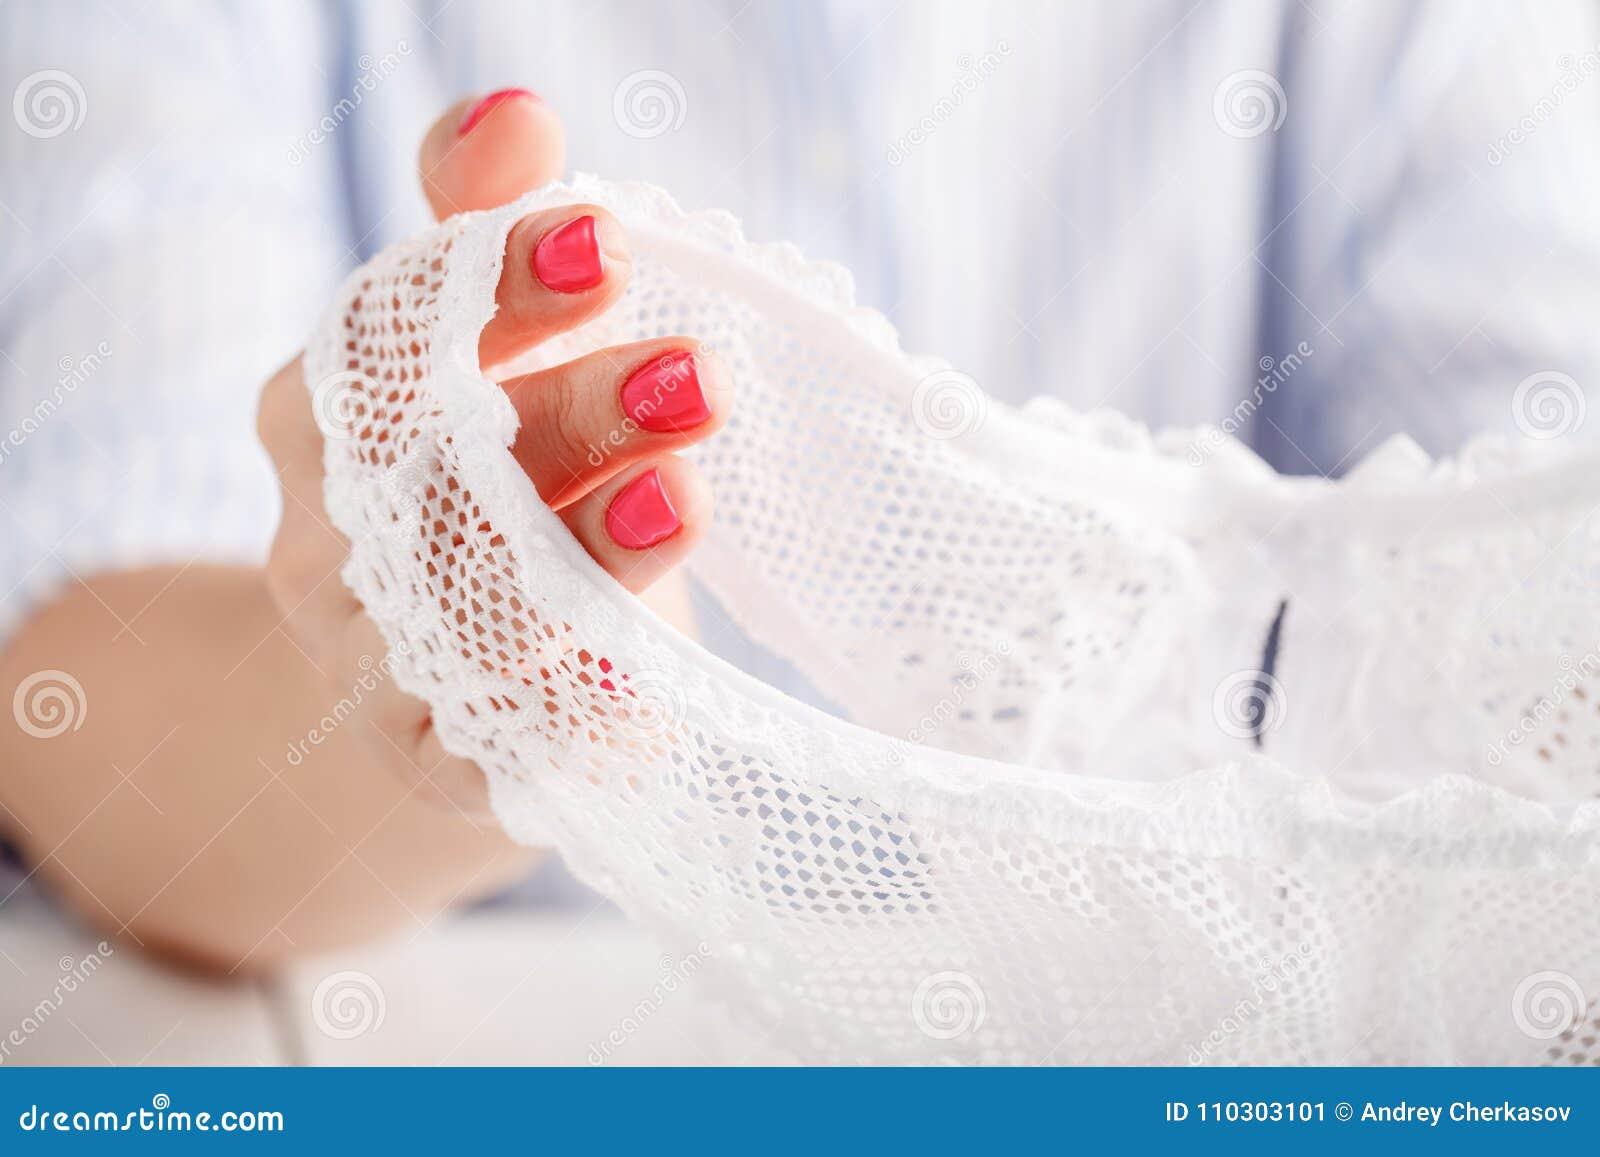 Sexig genomskinlig underbyxor på vit bakgrund i kvinnliga händer